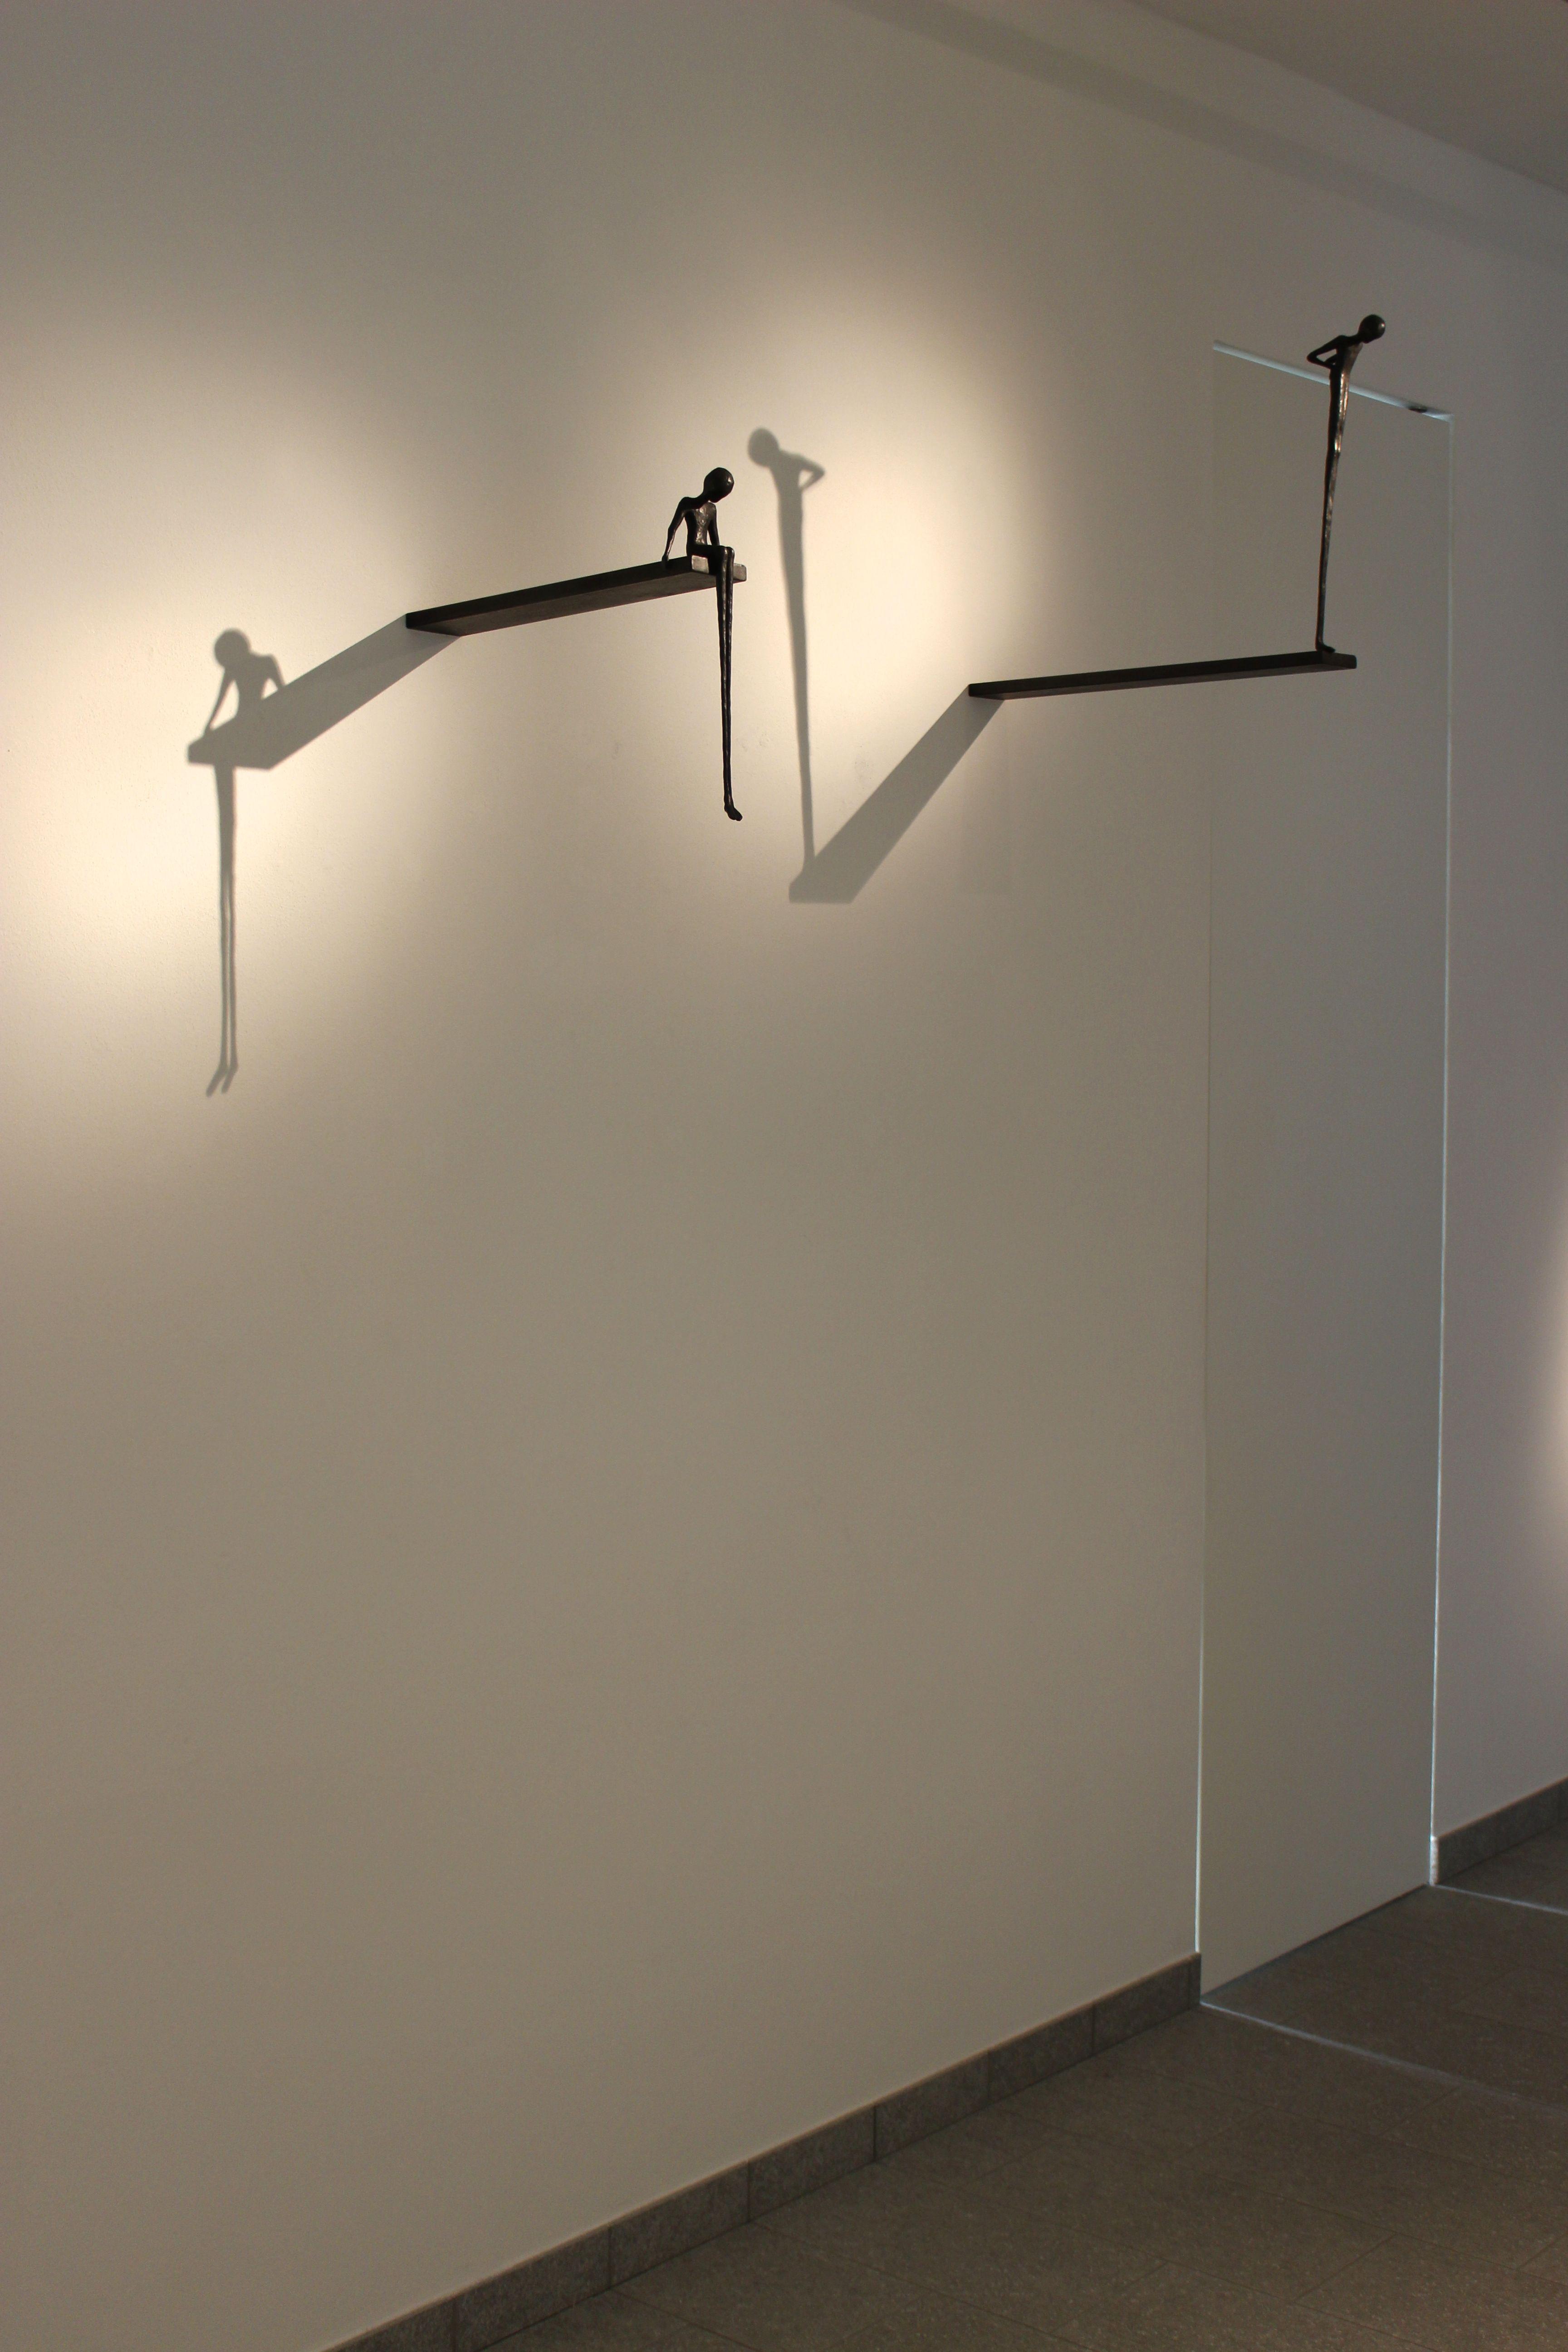 Alex pinna punto sulluarte international contemporary art